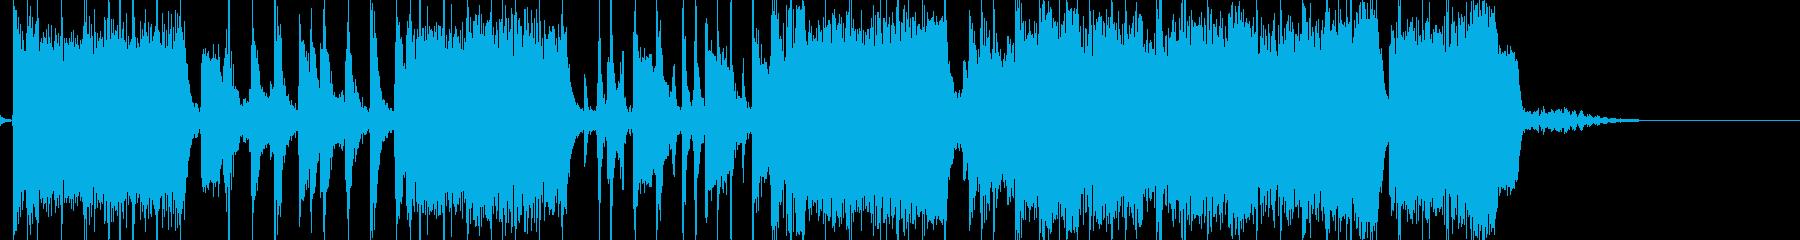 どこか懐かしいハードロックサウンド の再生済みの波形